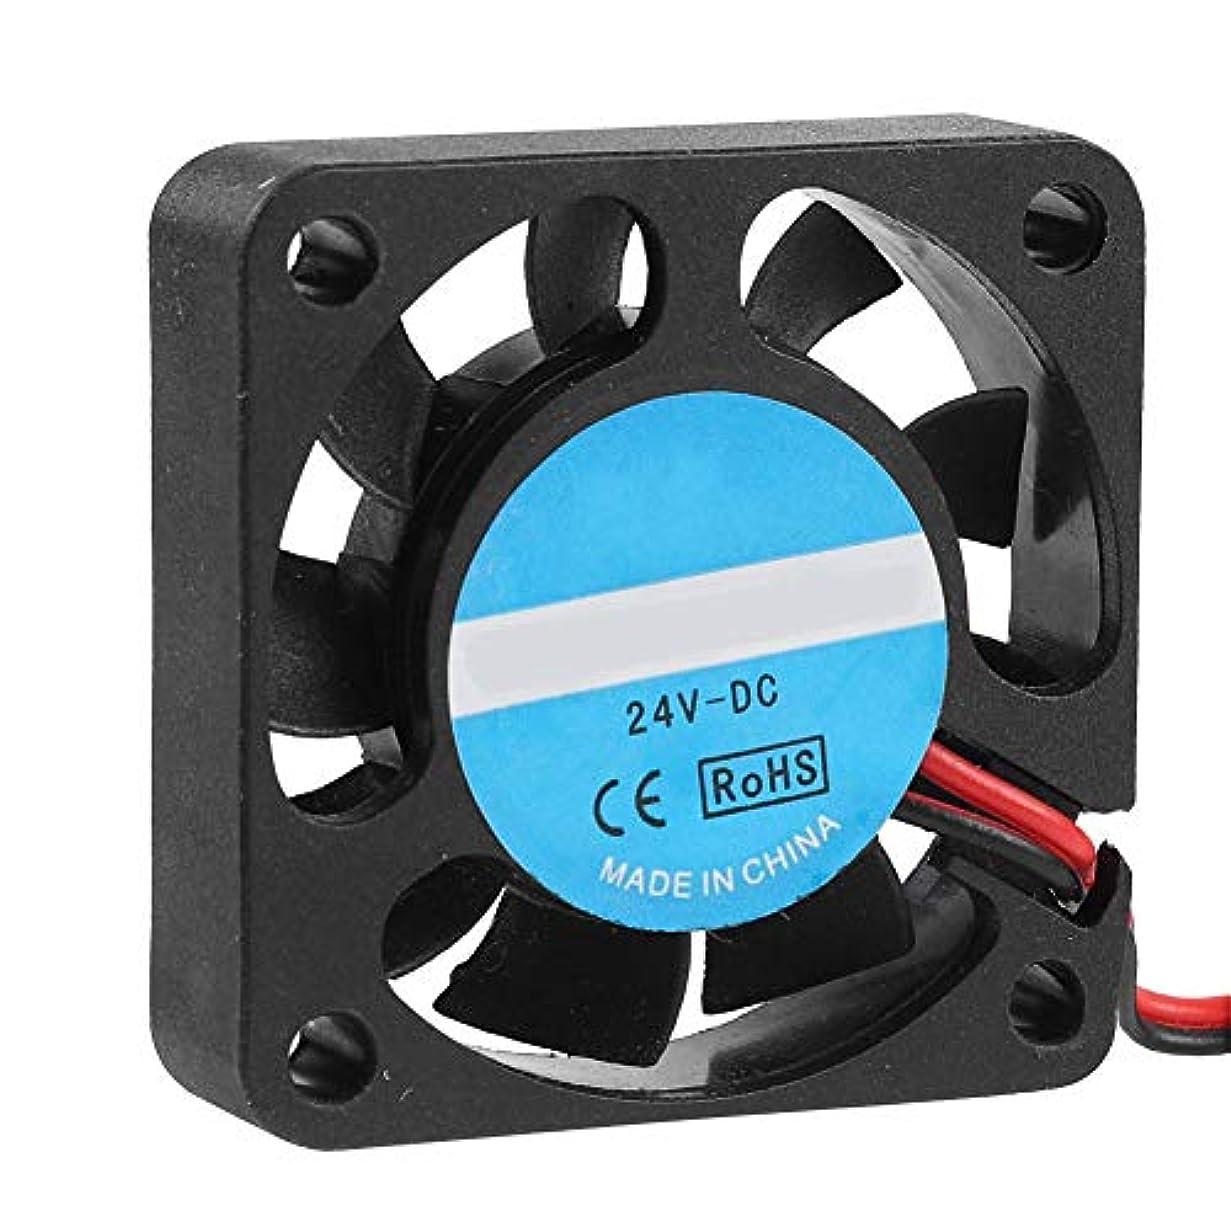 通路信頼性不公平7000RPM 冷却ファン Mugast 6.7CFM 低ノイズ 静音 長寿命 高耐久 3Dプリンタ部品 押出機冷却用ファン